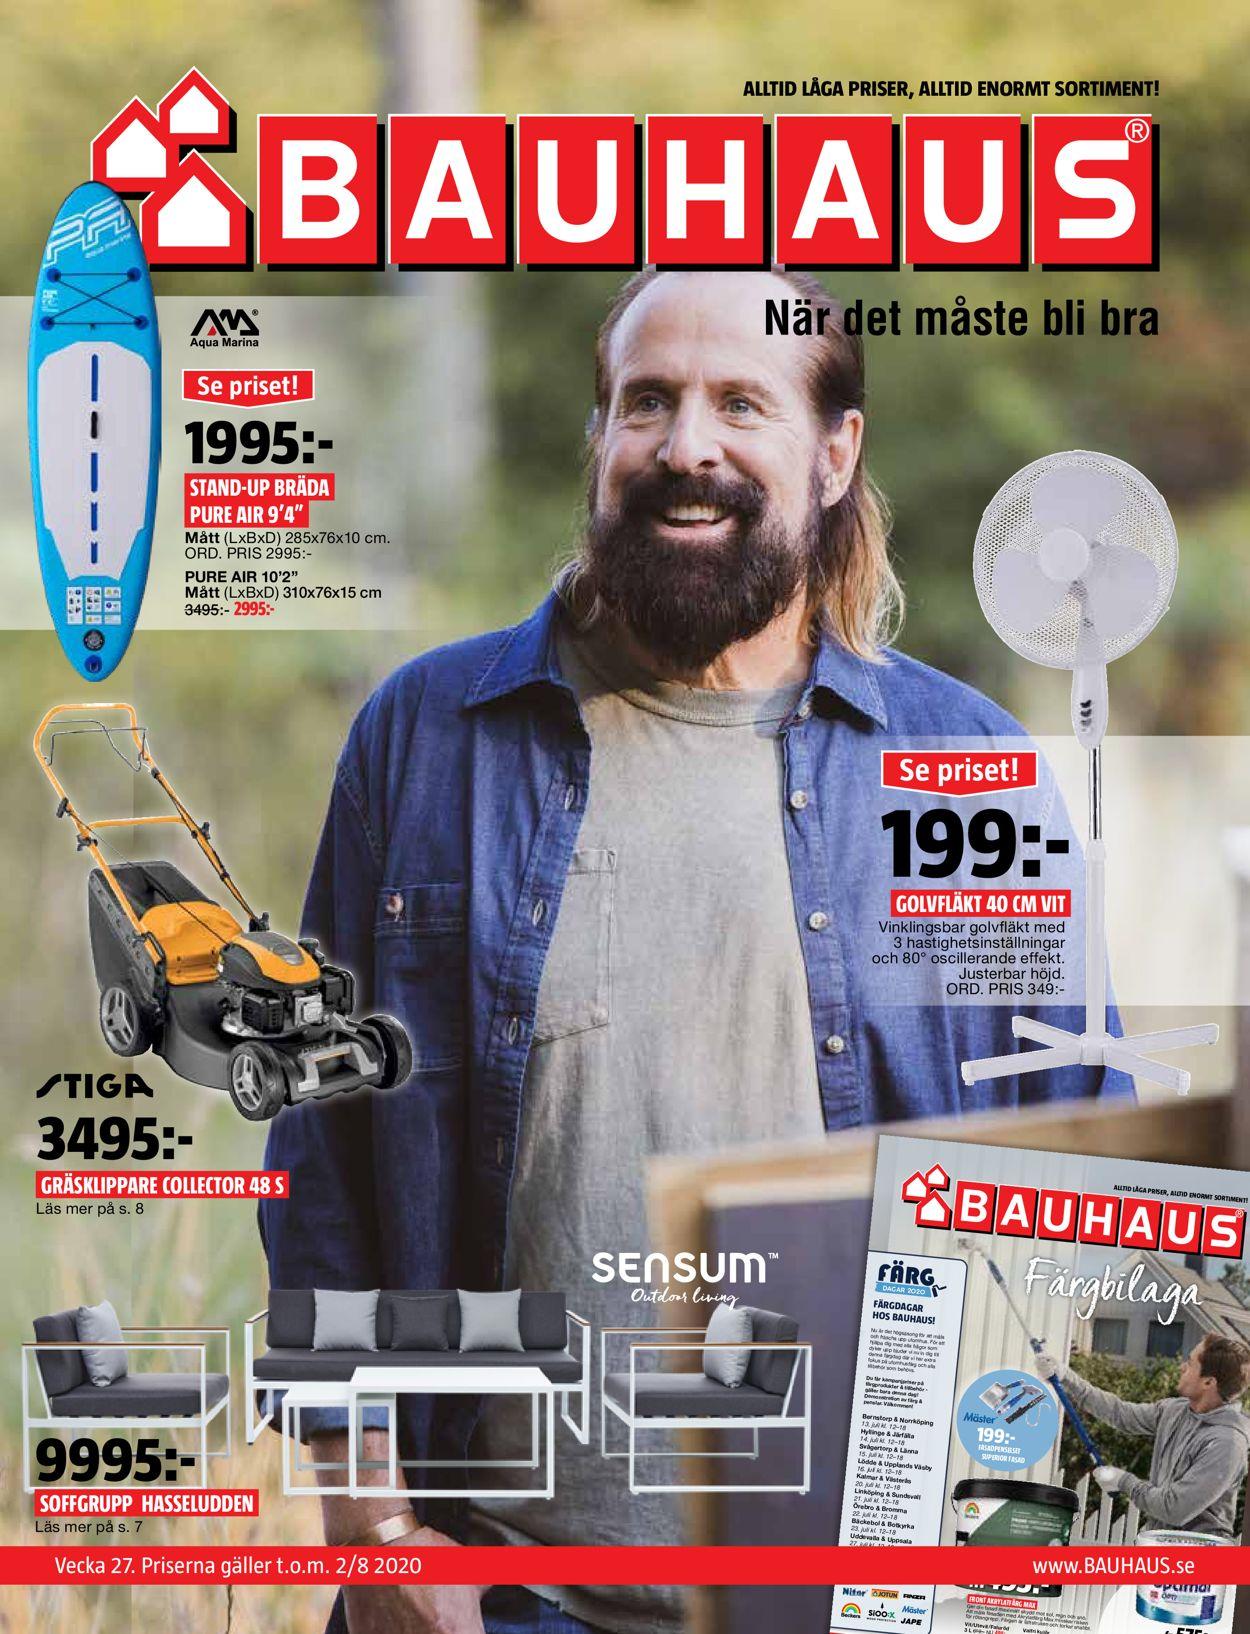 Reklamblad Bauhaus från 29/06-2020